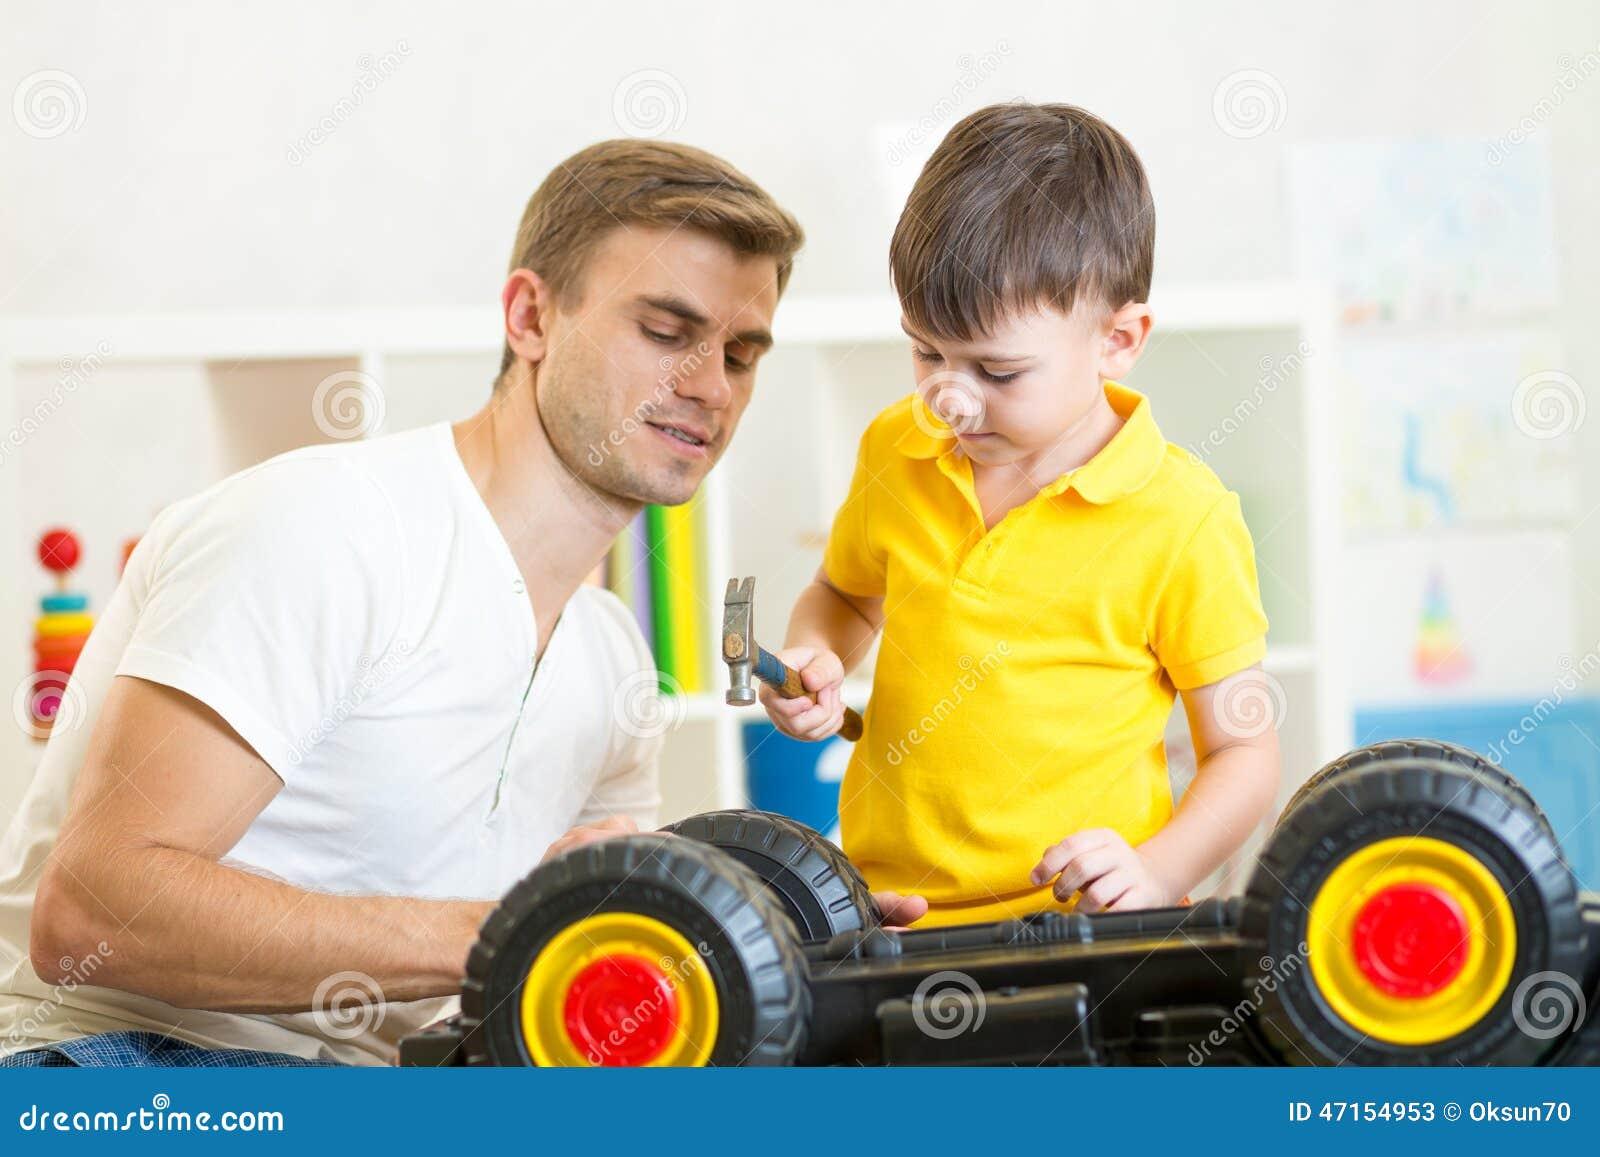 孩子男孩和爸爸修理玩具汽车.